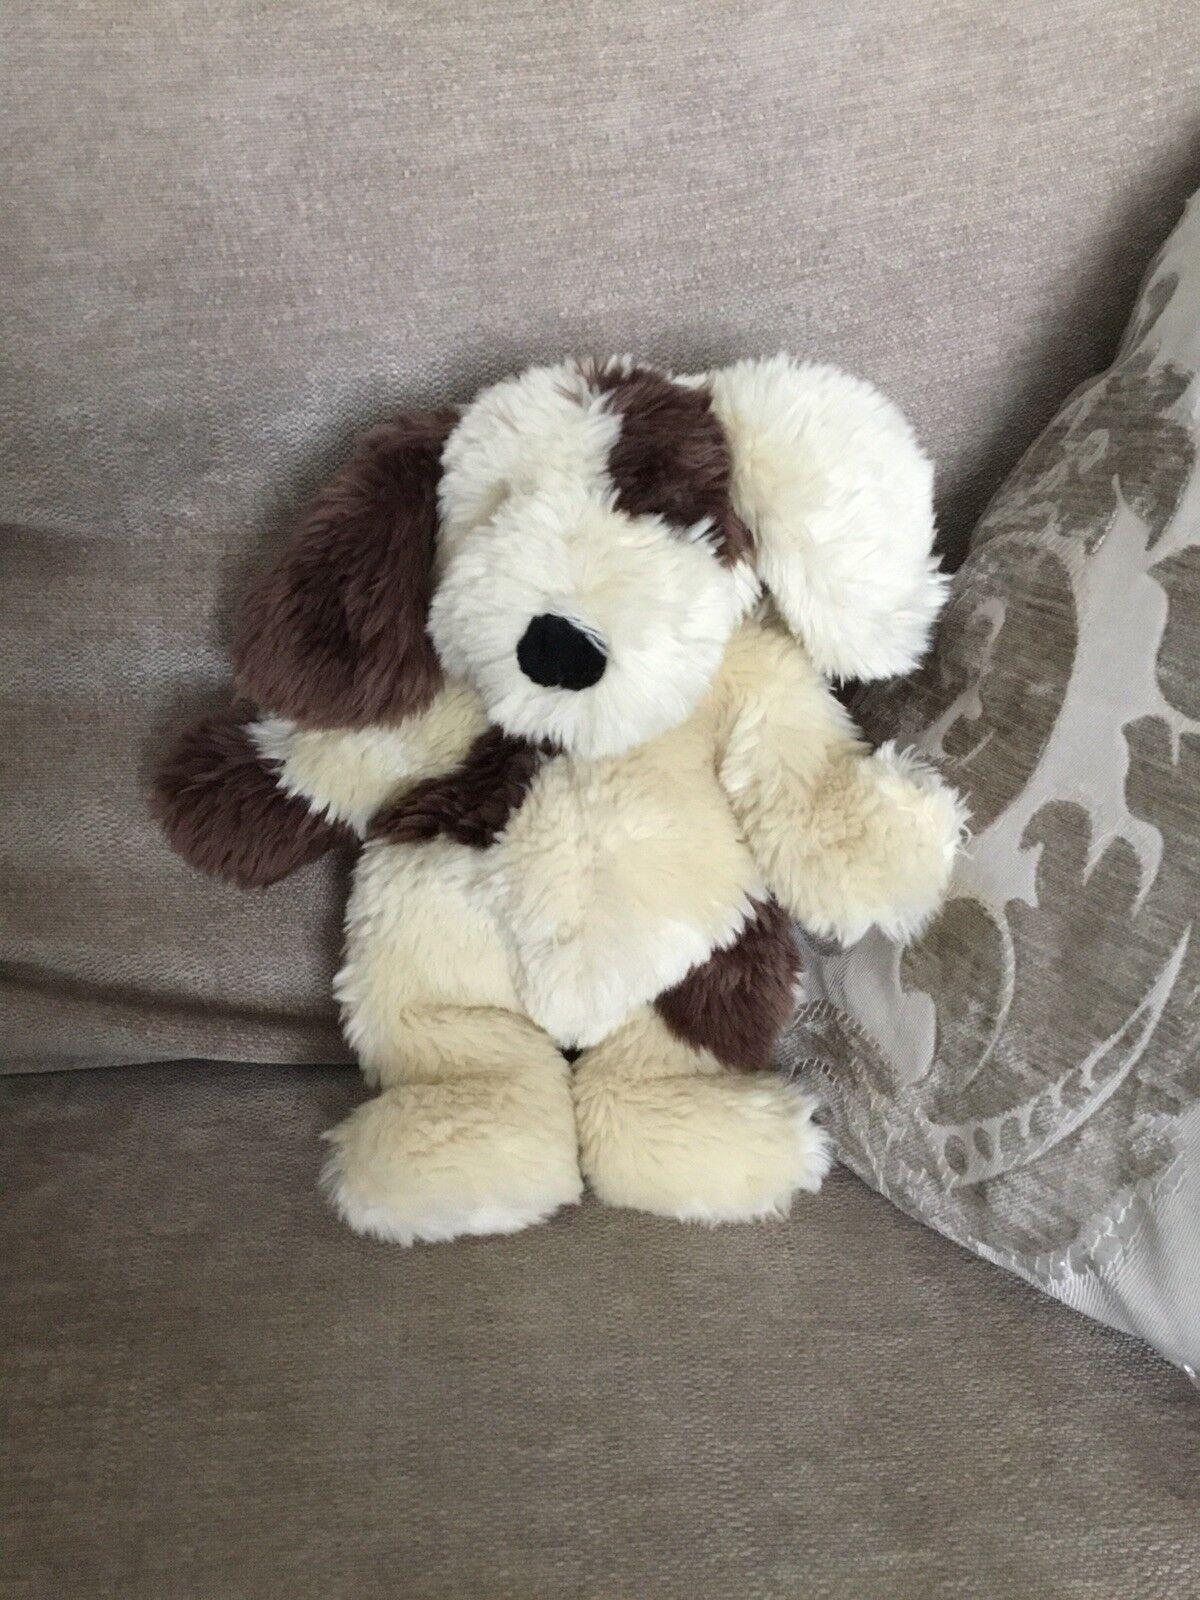 JellyCat morbidi cane cagnolino marrone e bianco panna RARA smobilizzato/1999 10